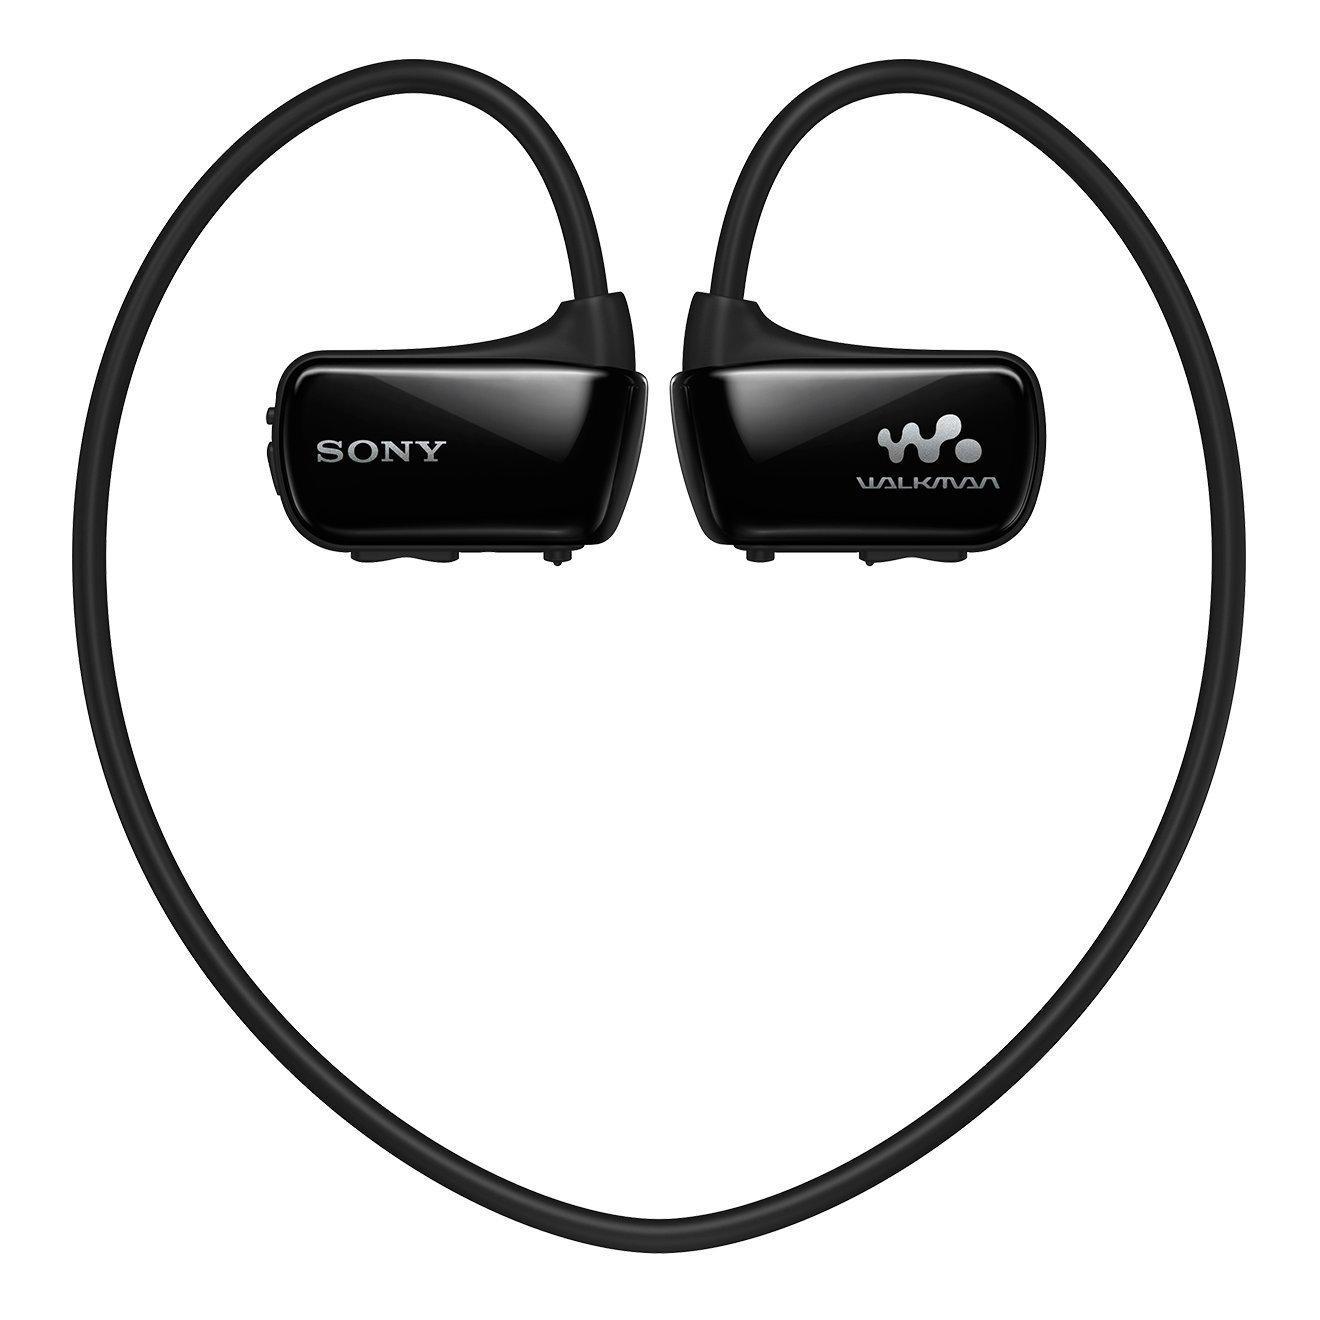 Casque-baladeur Sony NWZ-W273SB.CEW - 4 Go de mémoire, étanche (IPX8), Noir